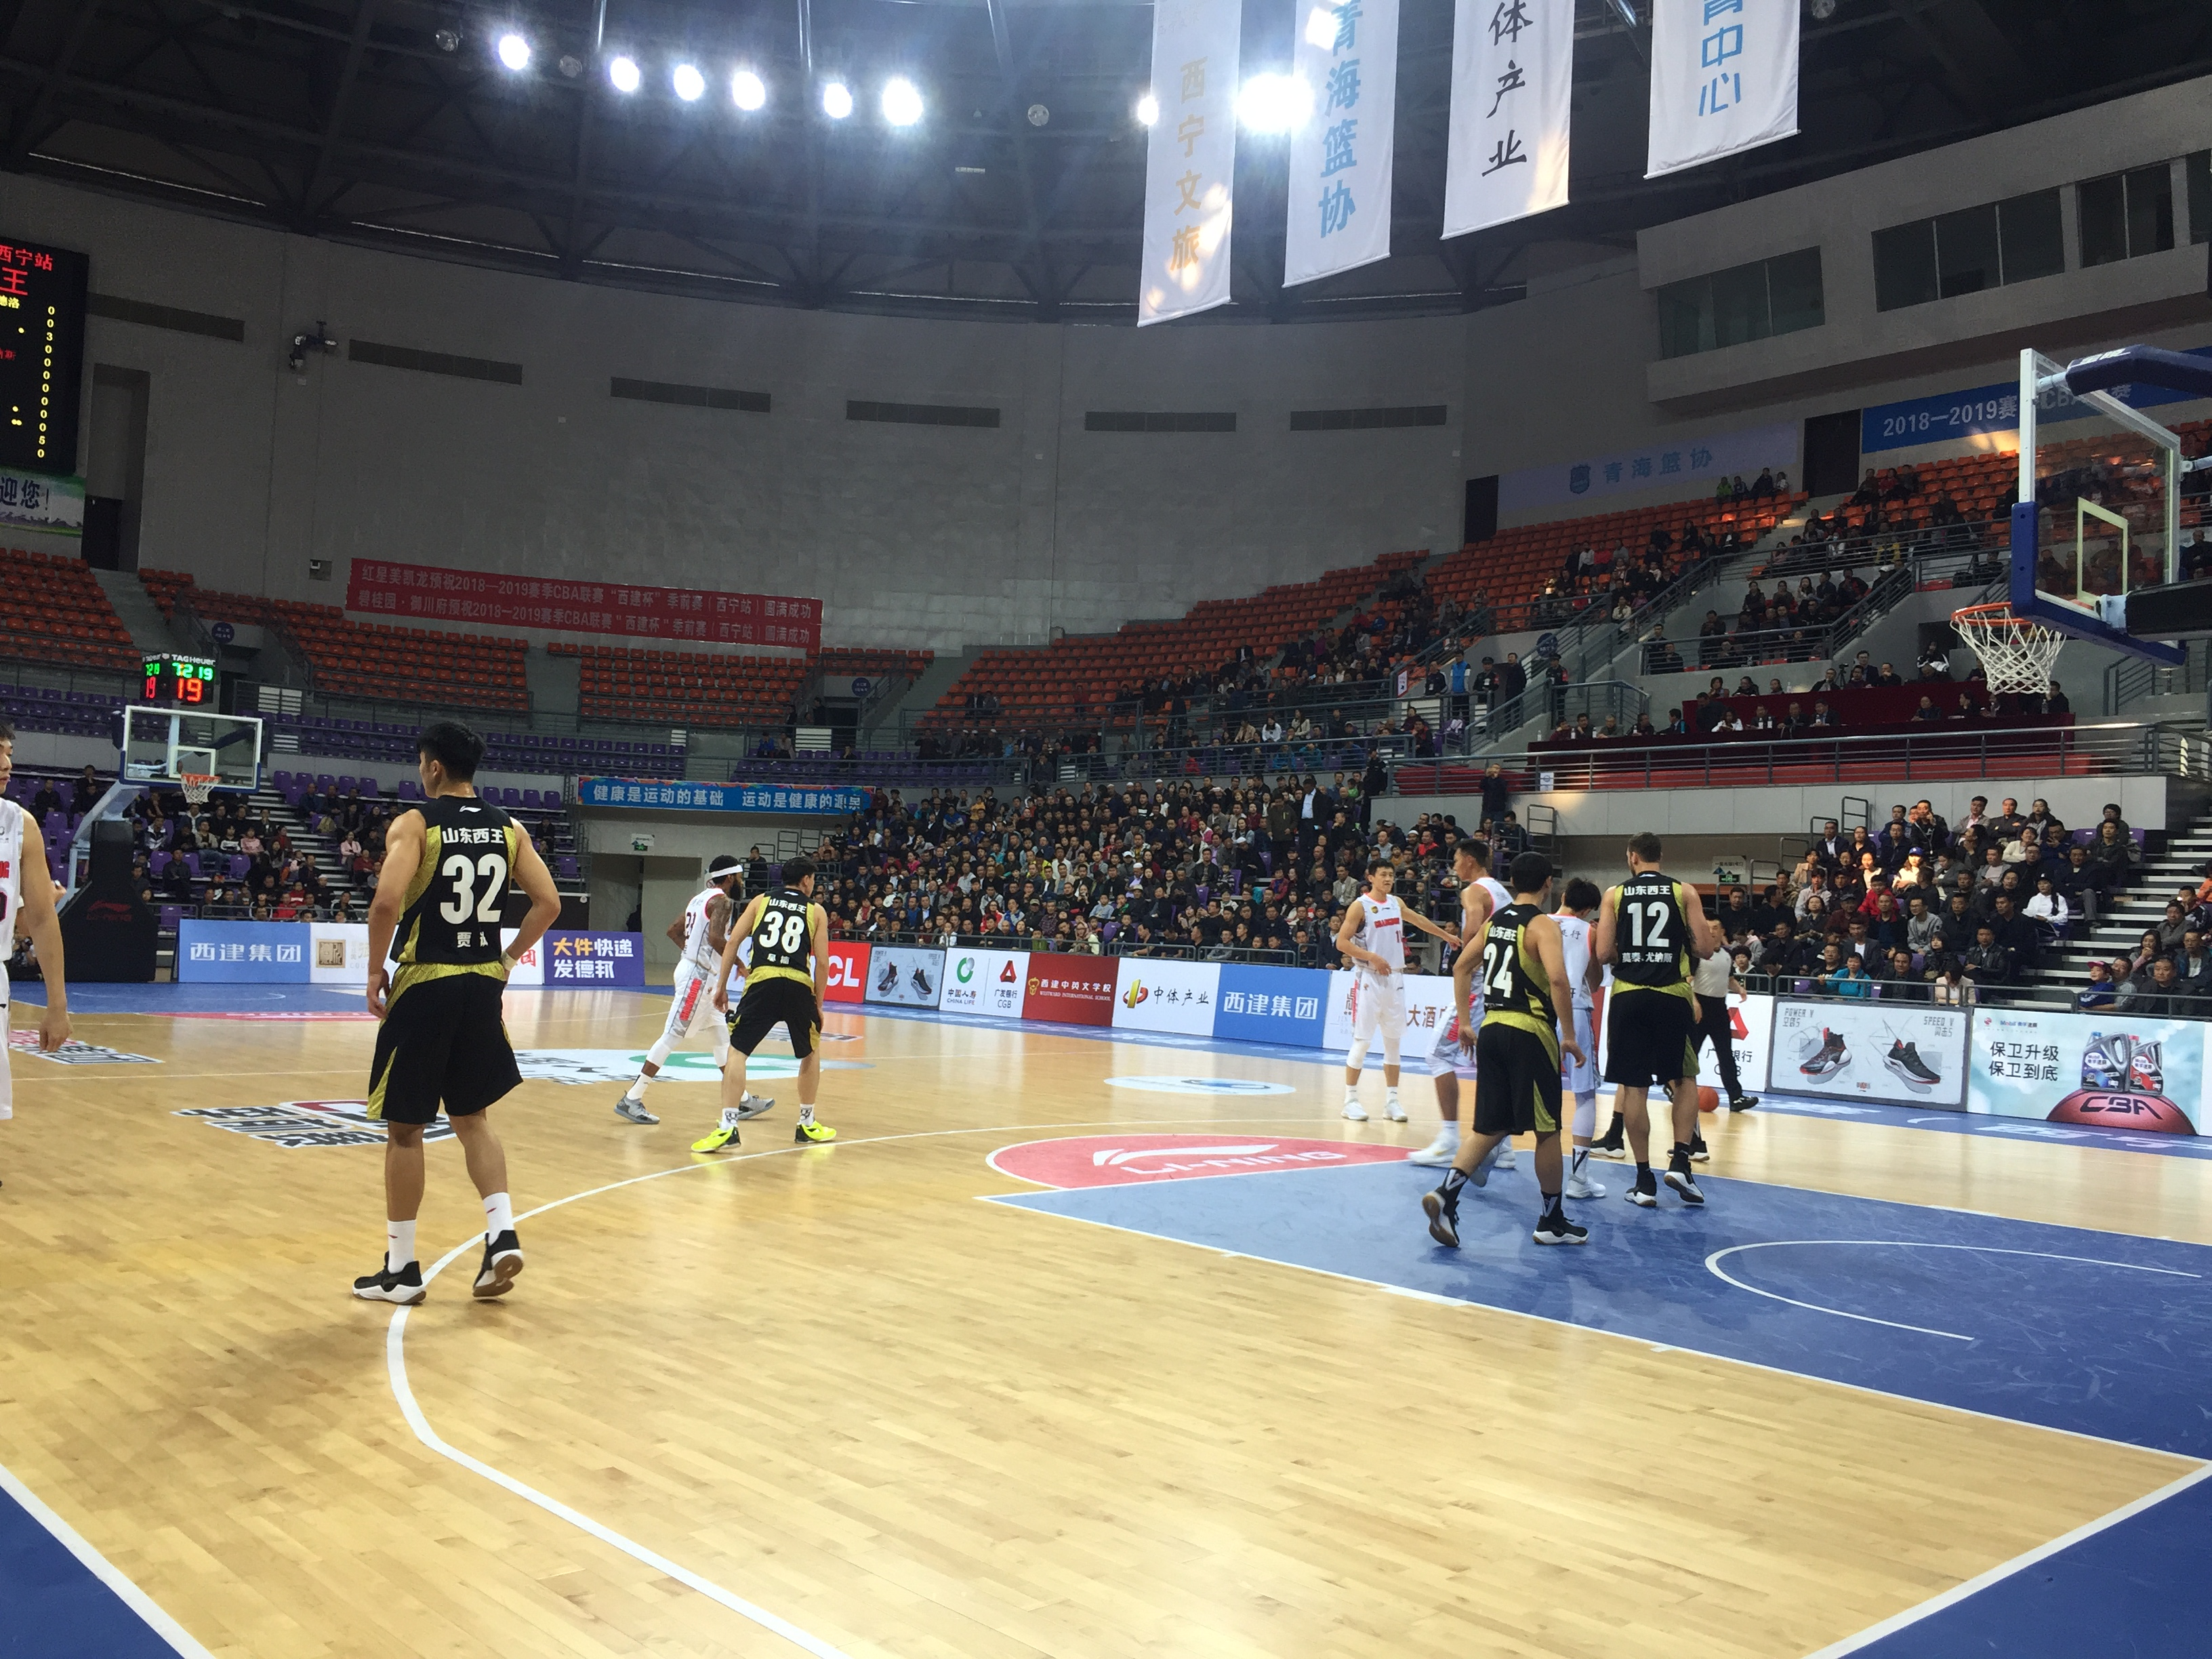 张庆鹏19分!CBA季前赛山东西王90-82力克广东取得两连胜